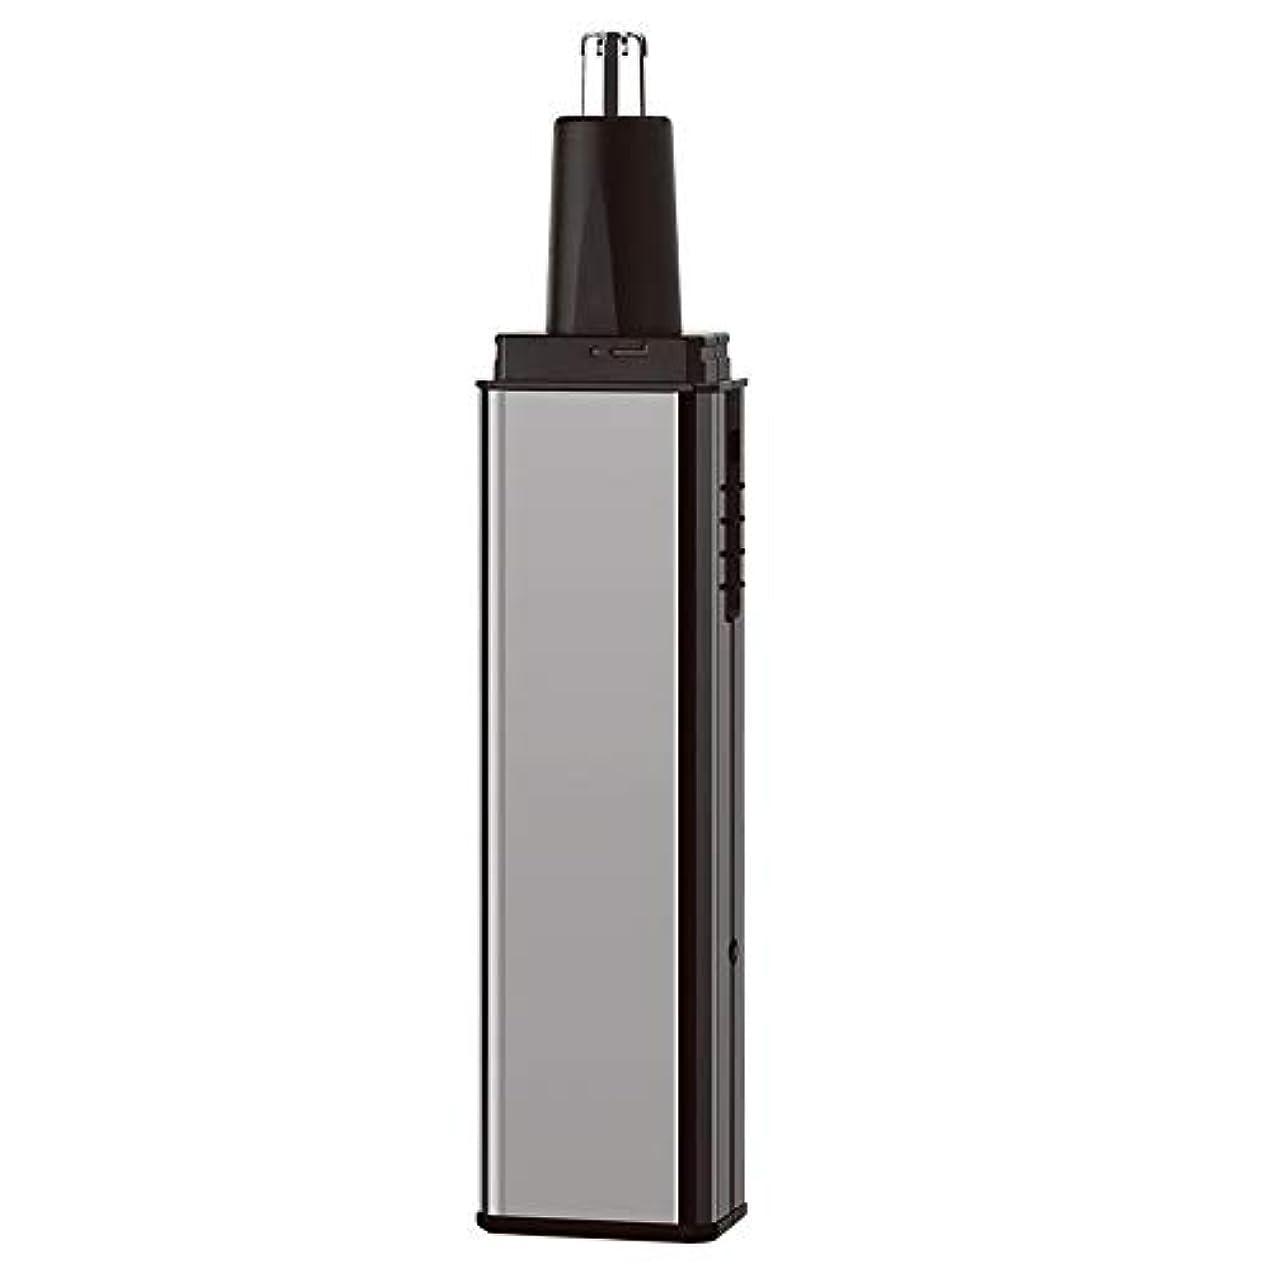 アシスタントカラスアンデス山脈鼻毛トリマー-多機能スーツフォーインワン/電気鼻毛トリマー/ステンレススチール/多機能/ 13.5 * 2.7cm 持つ価値があります